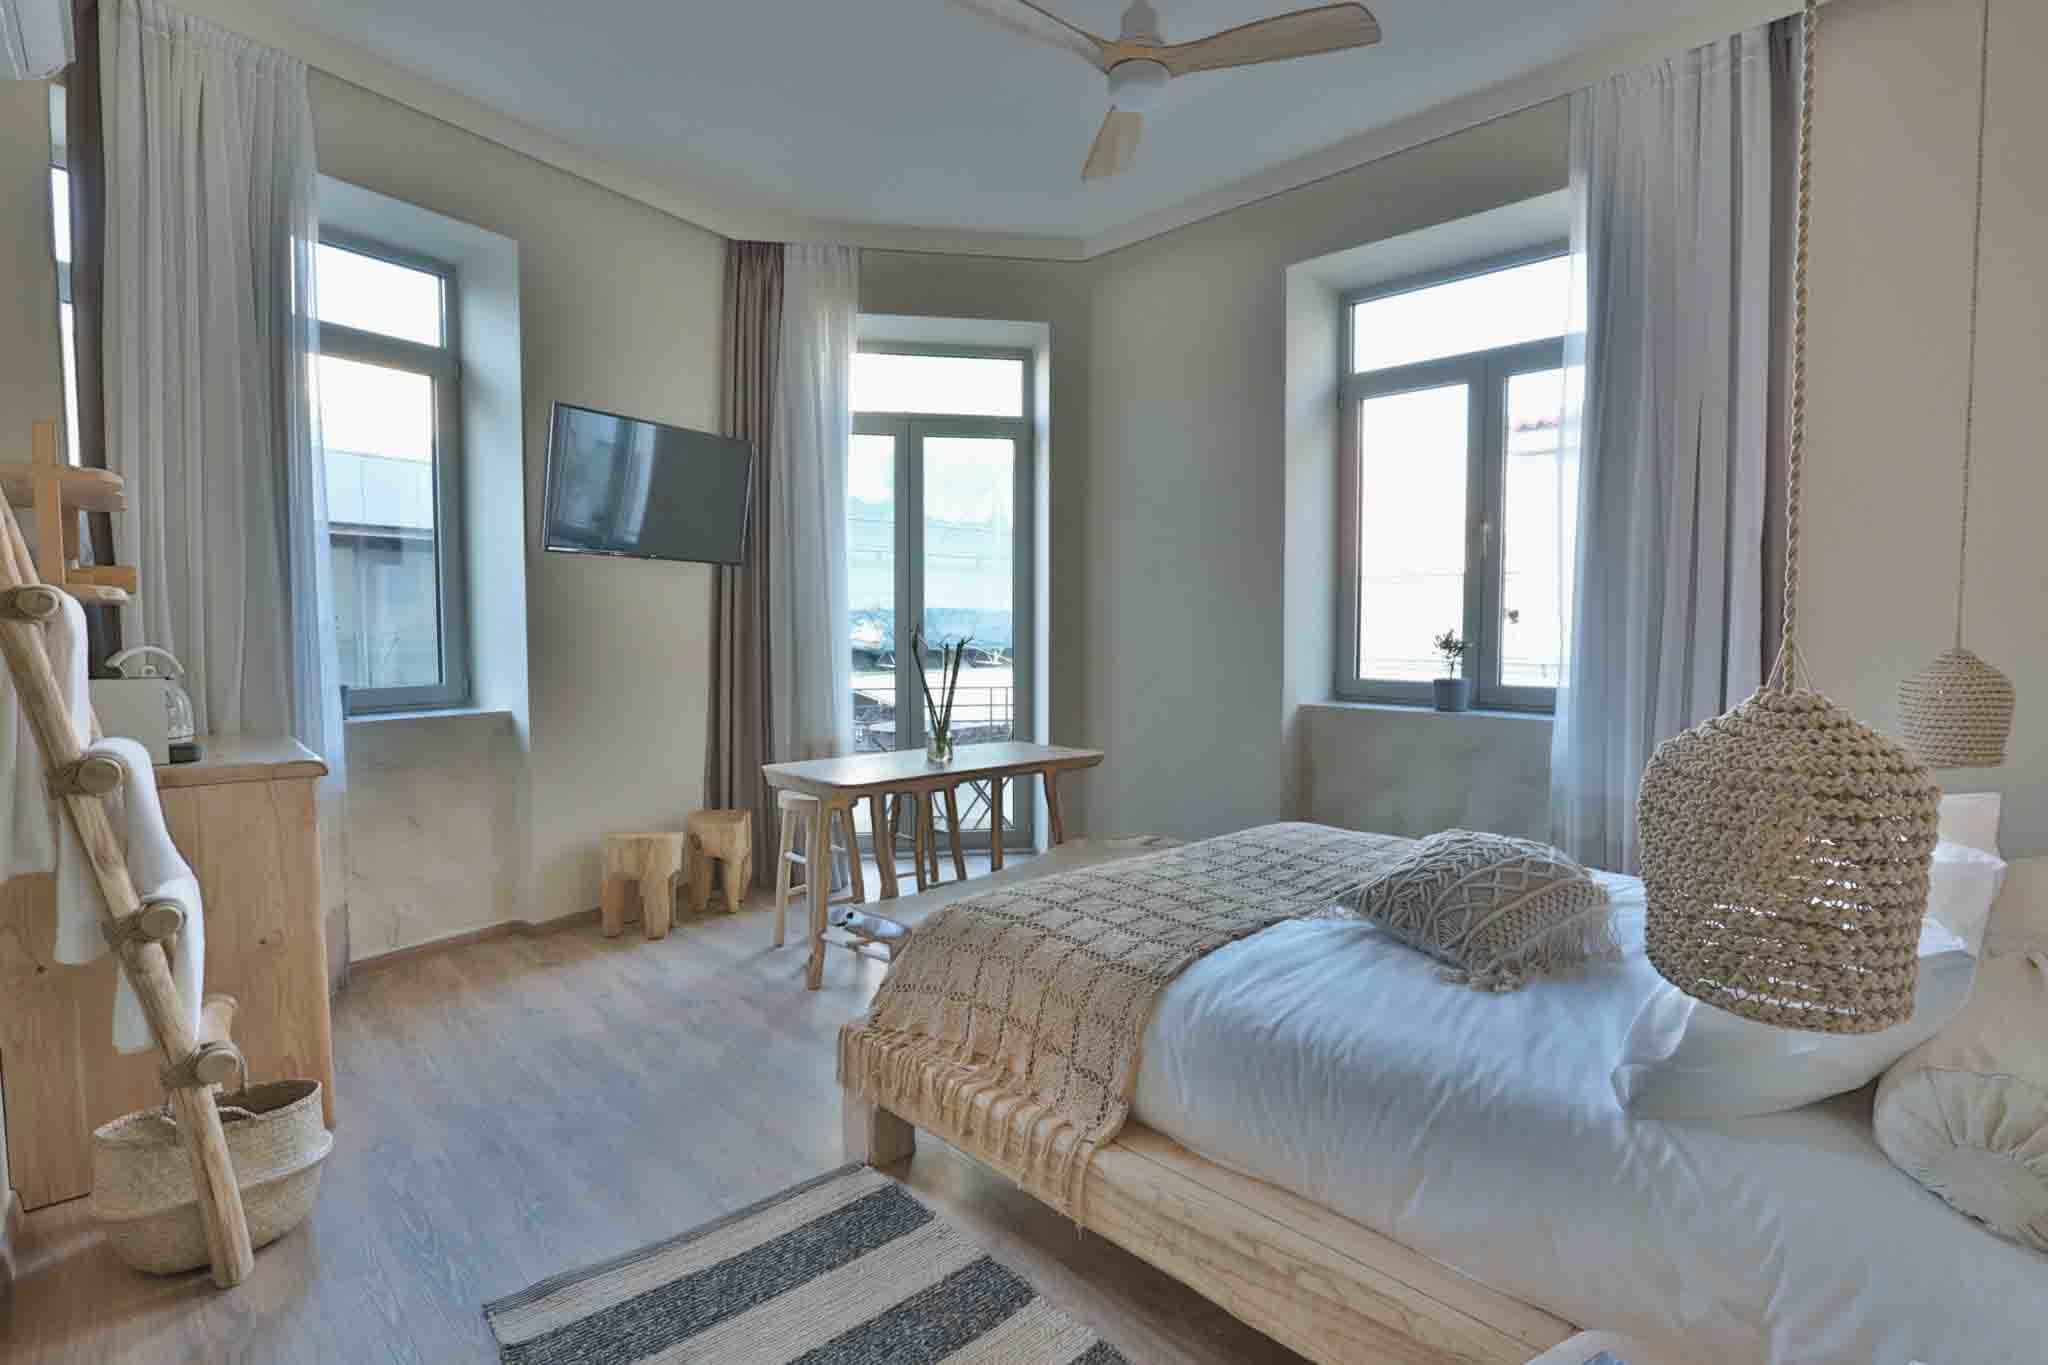 Hotel_room_Smaragda_01